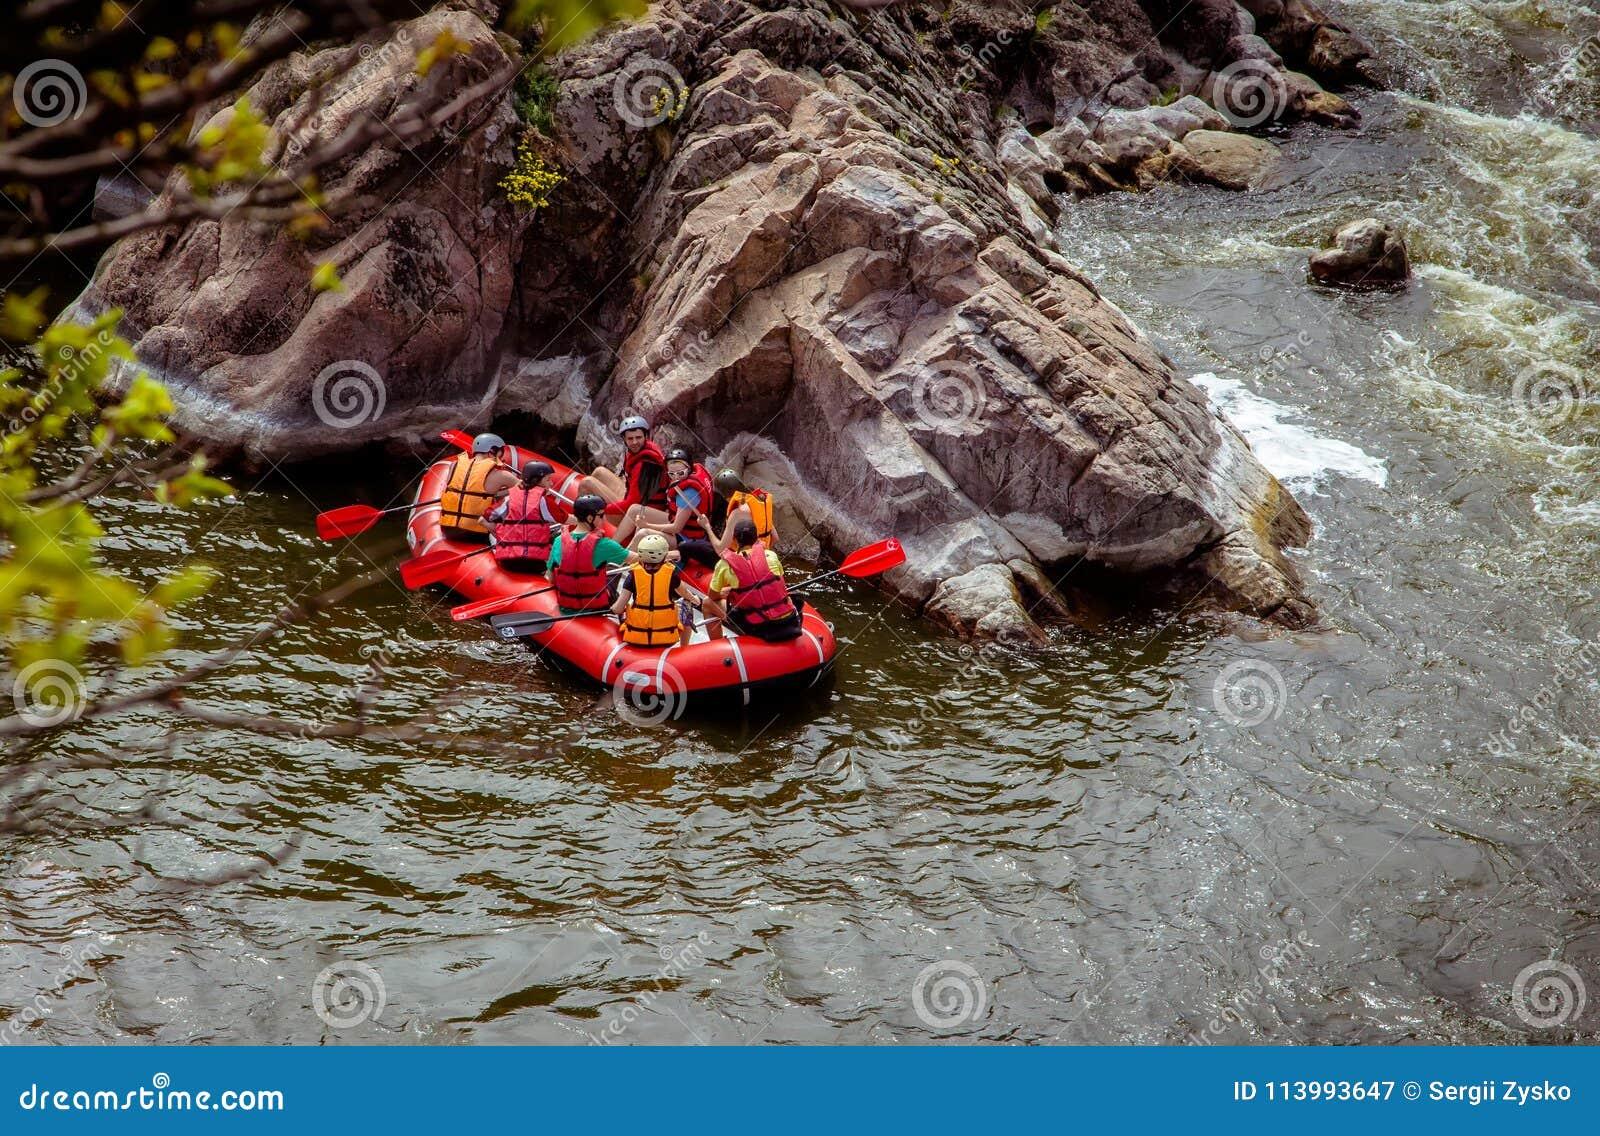 Сплавлять шлюпку на быстром реке горы Южная черепашка Украина